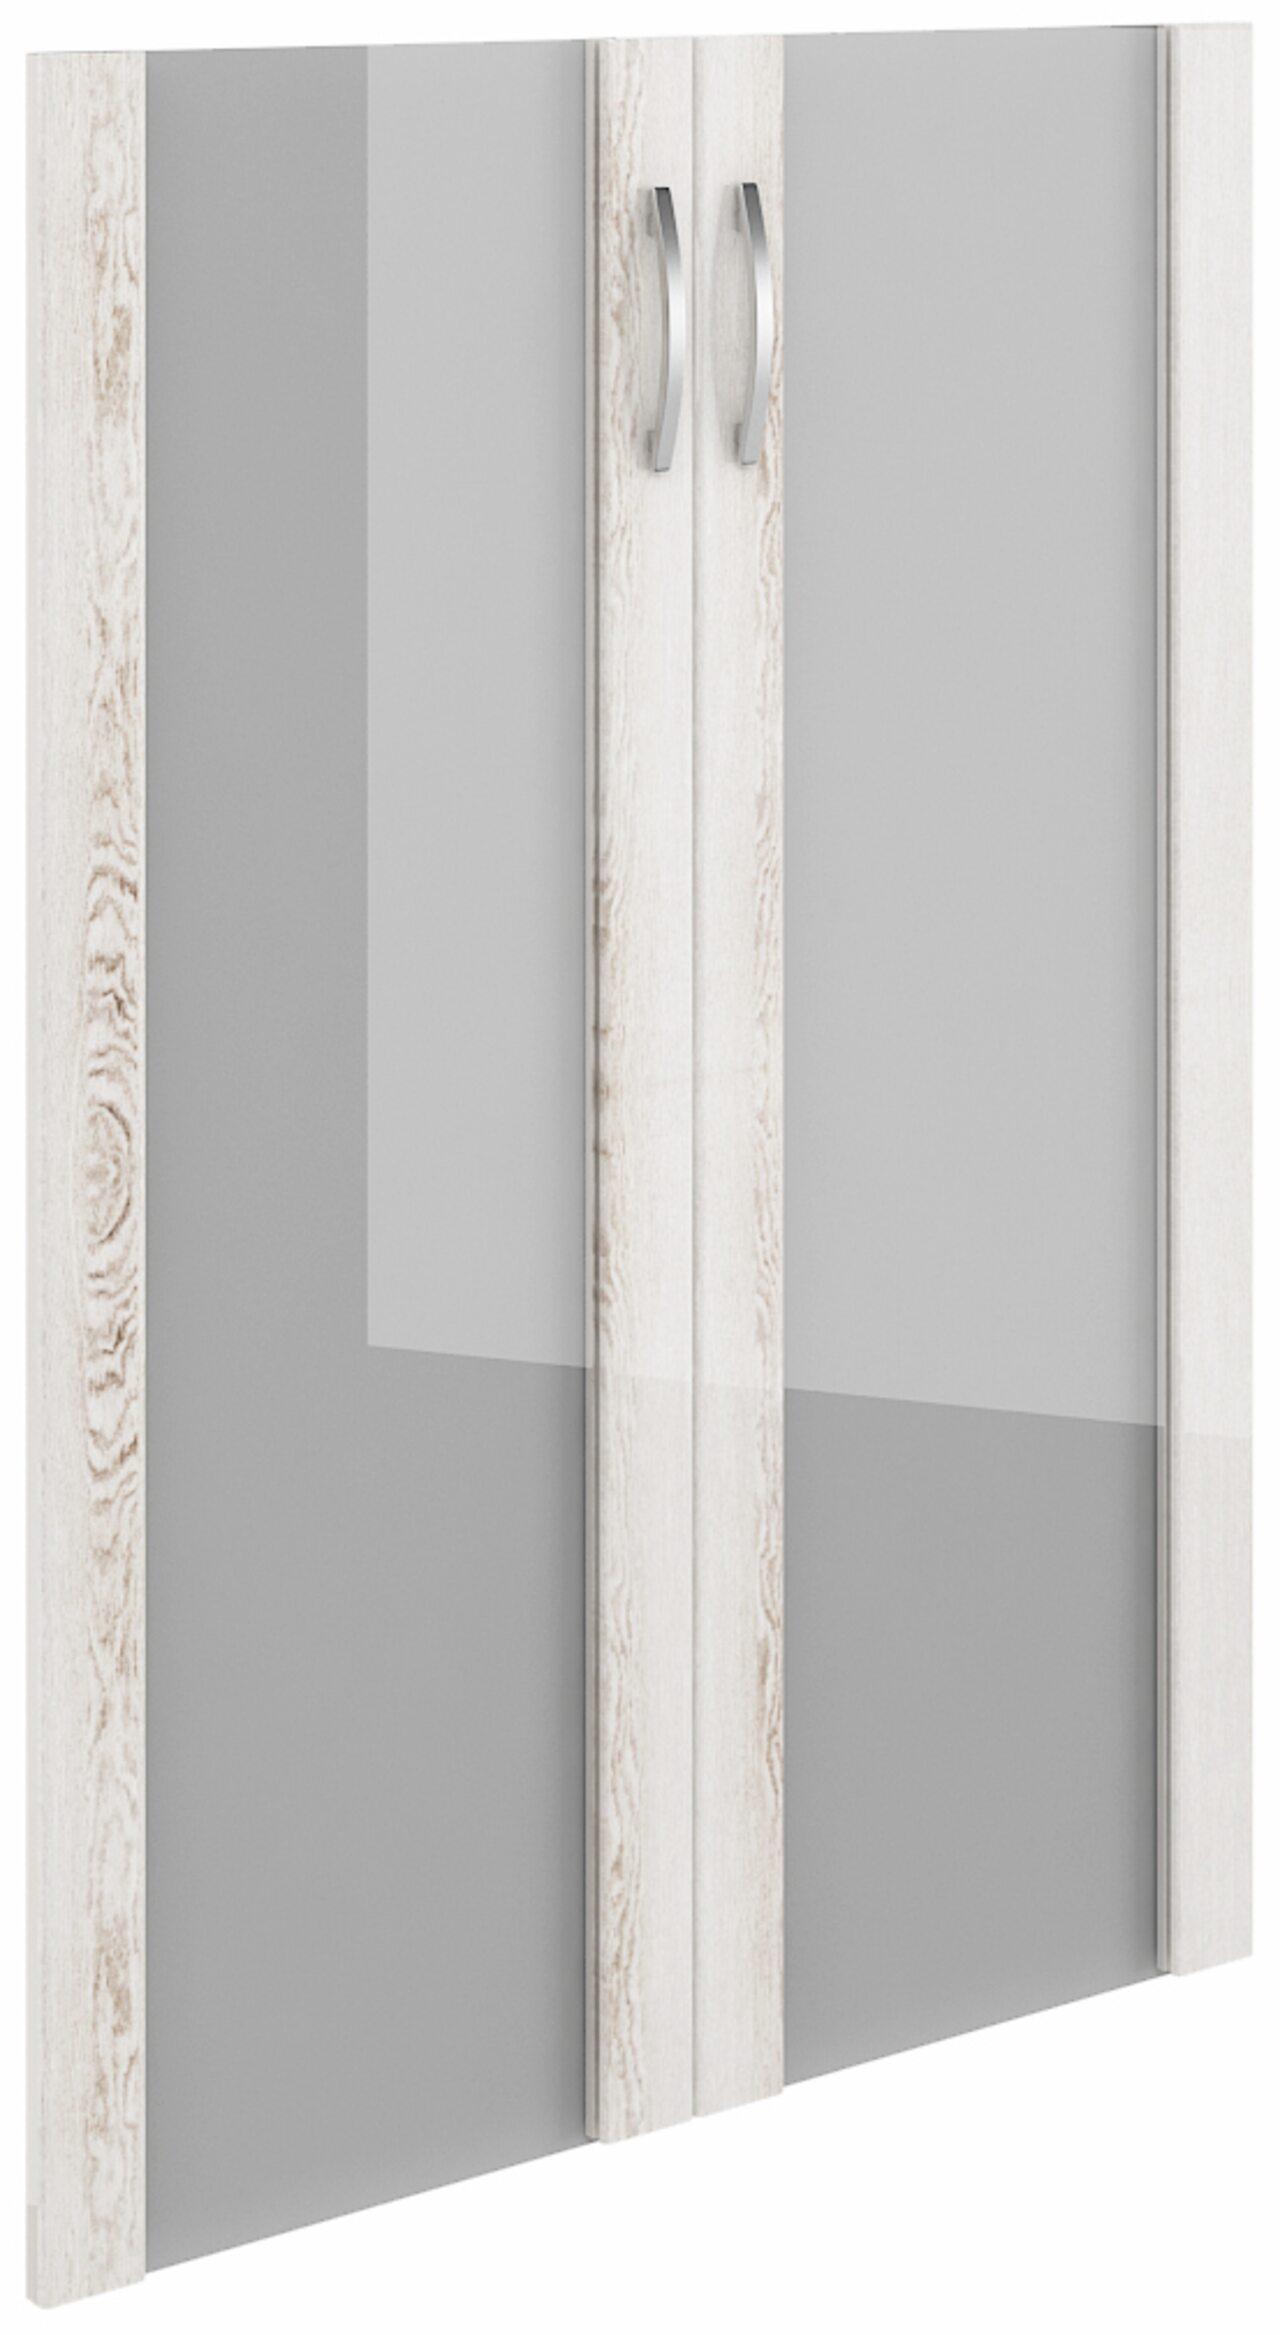 Дверь стекло в рамке МДФ  Статус 40x40x114 - фото 1